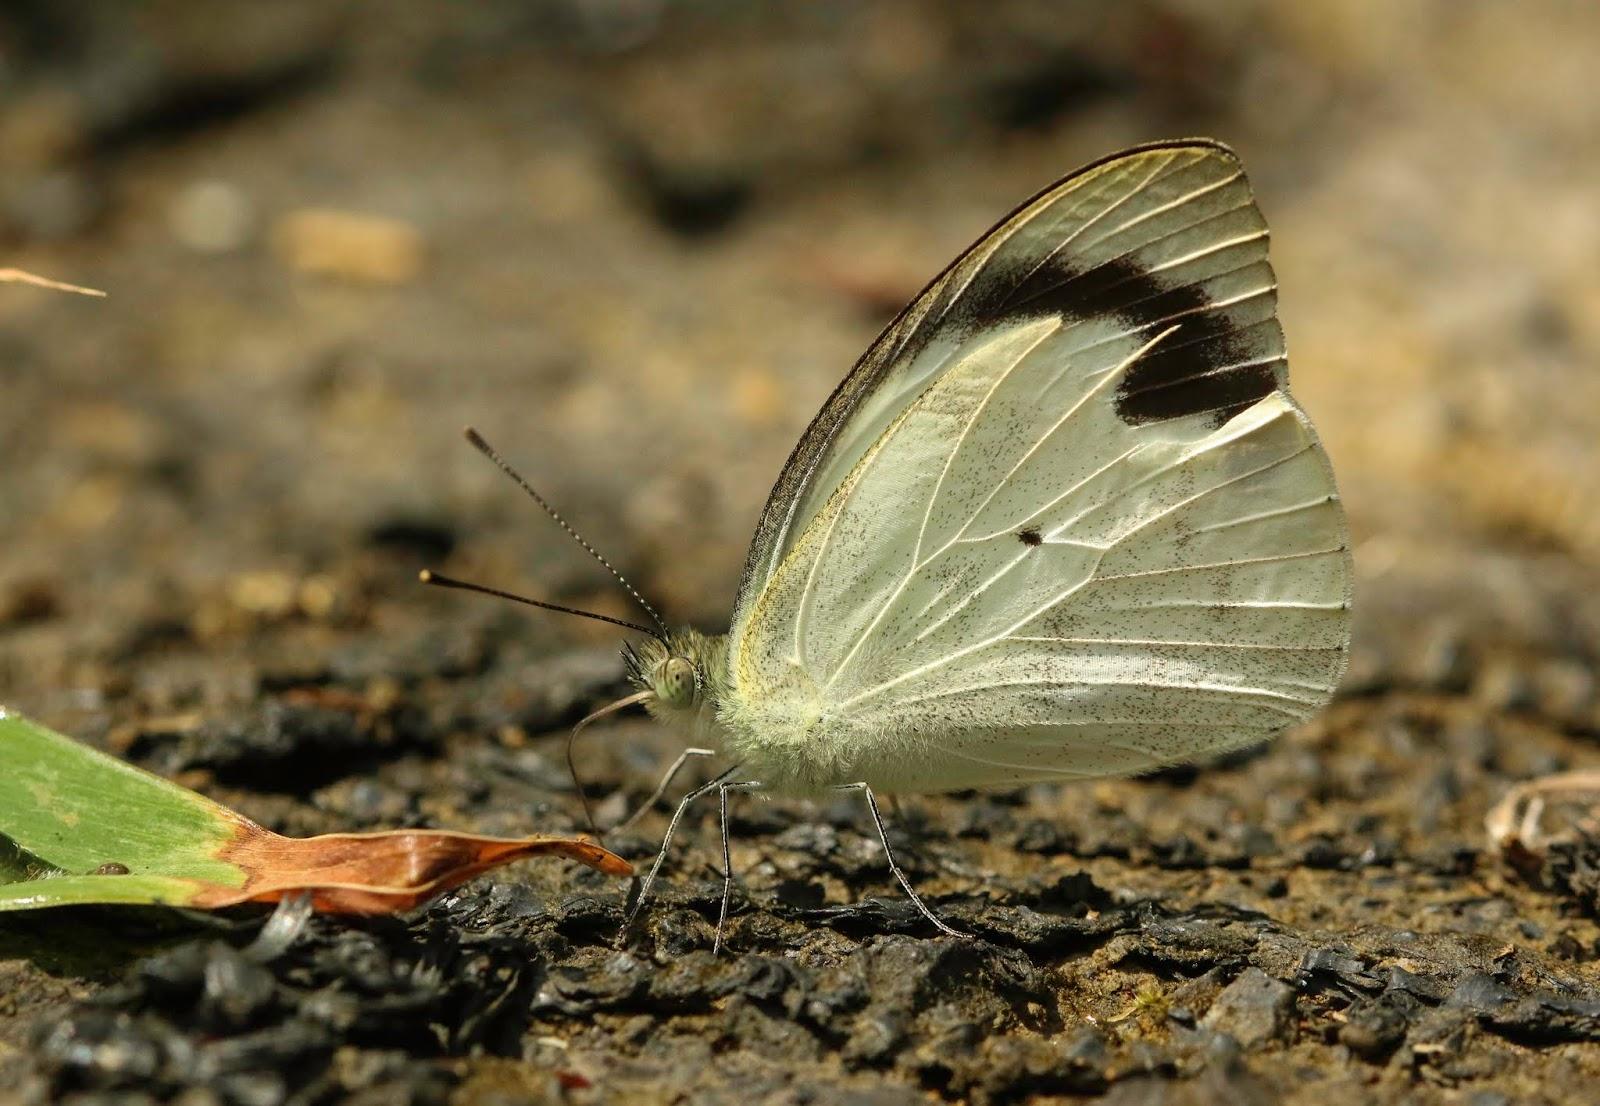 Ixias pyrene hainana Butterfly Dome Yellow Orange Tip